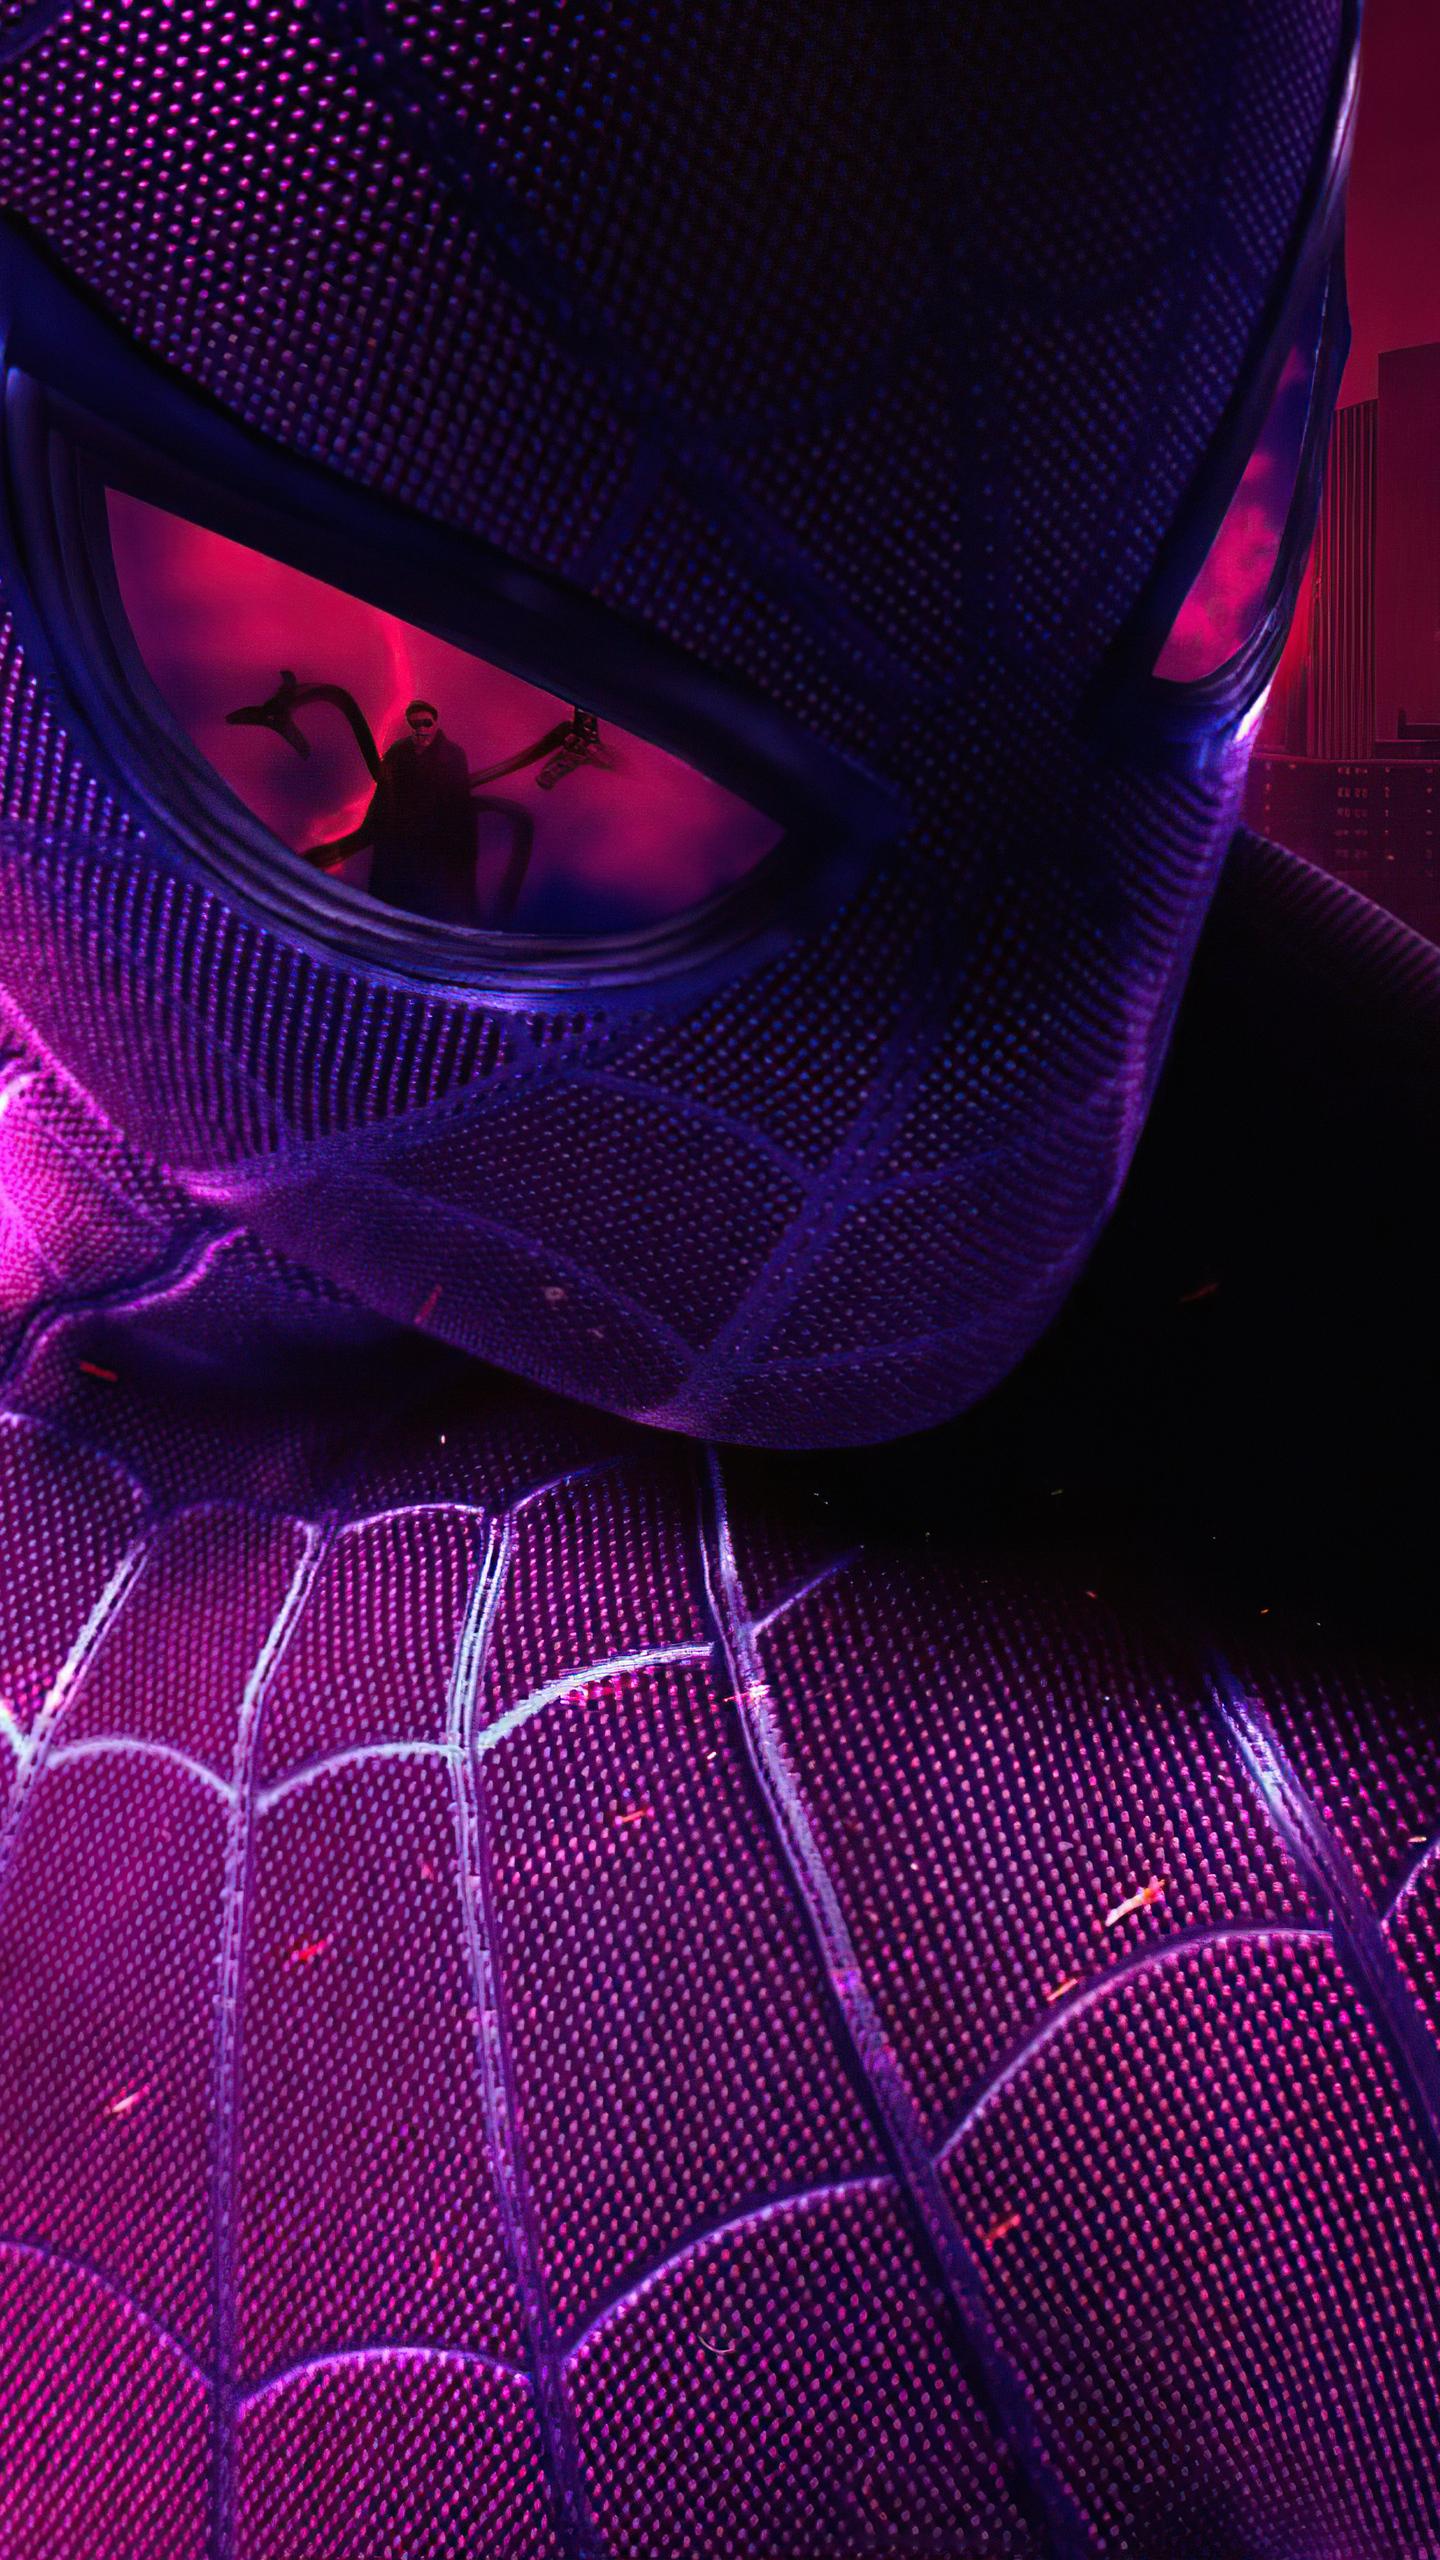 spider-man-no-way-home-5k-p4.jpg